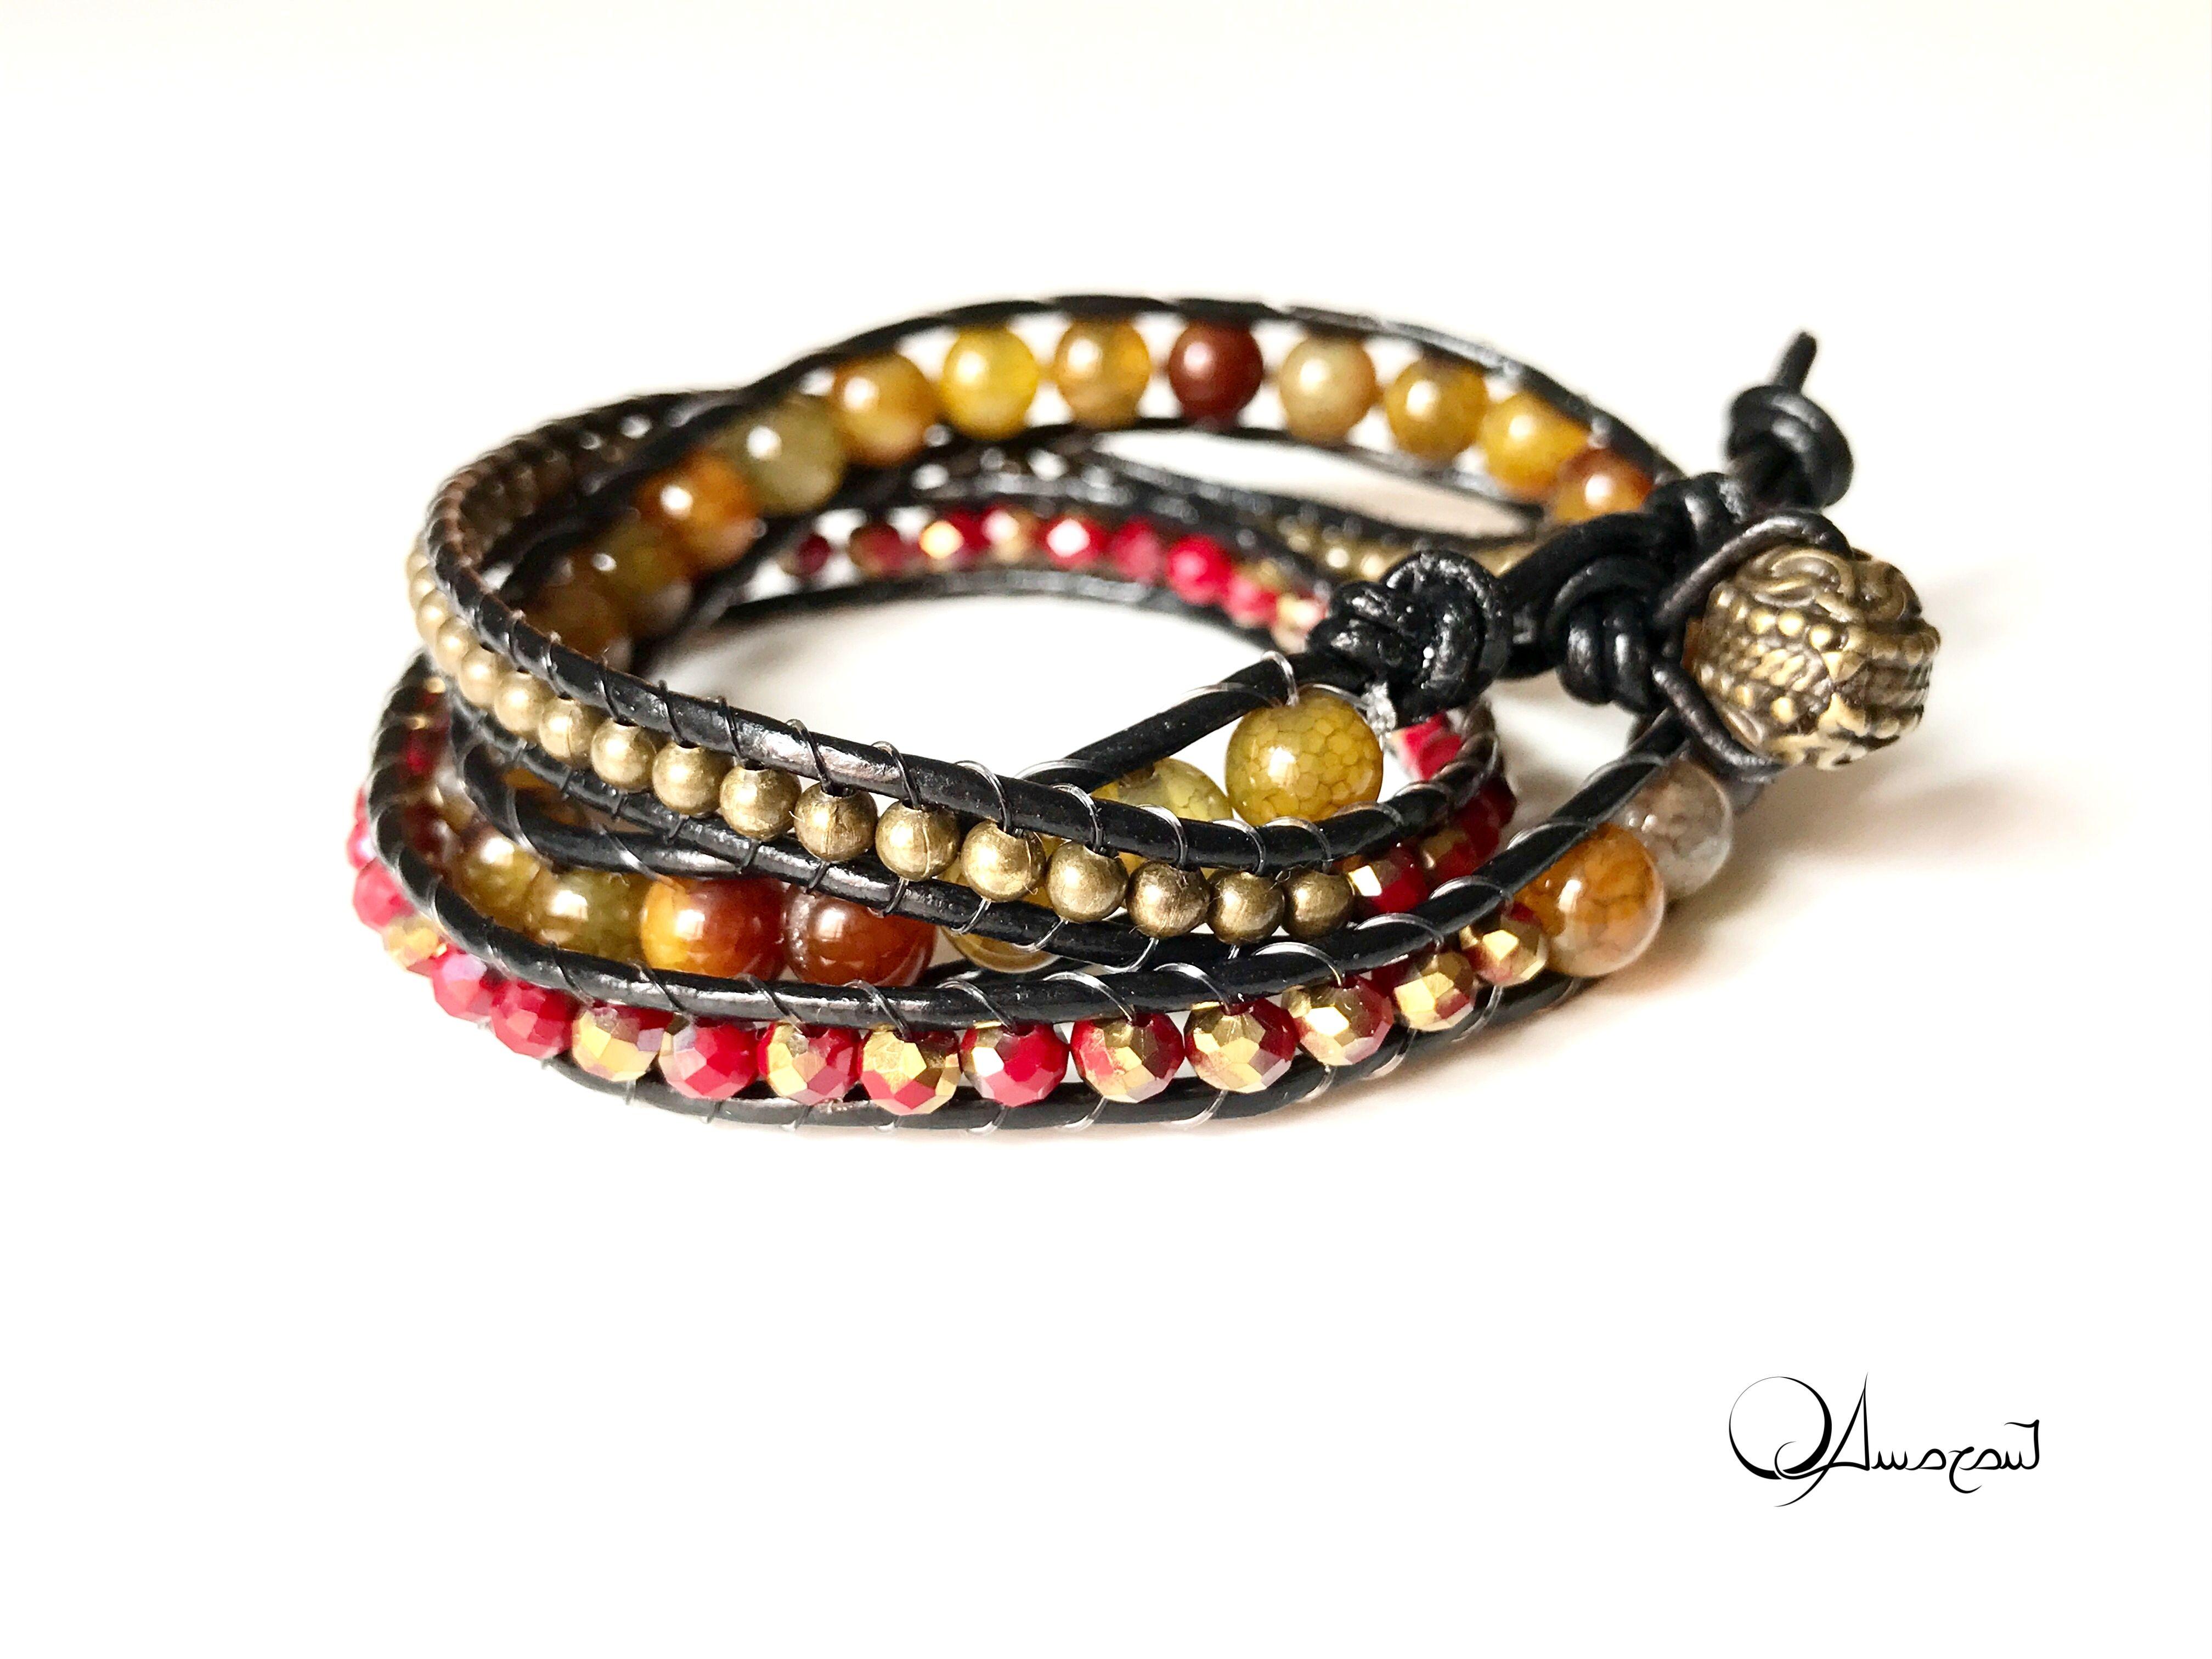 """Bracciale """"Amber agate"""" in chan luu, triplo giro, della serie """"Soul Stones Bracelets"""", in bronzo, cuoio, agata color ambra e mezzicristalli."""